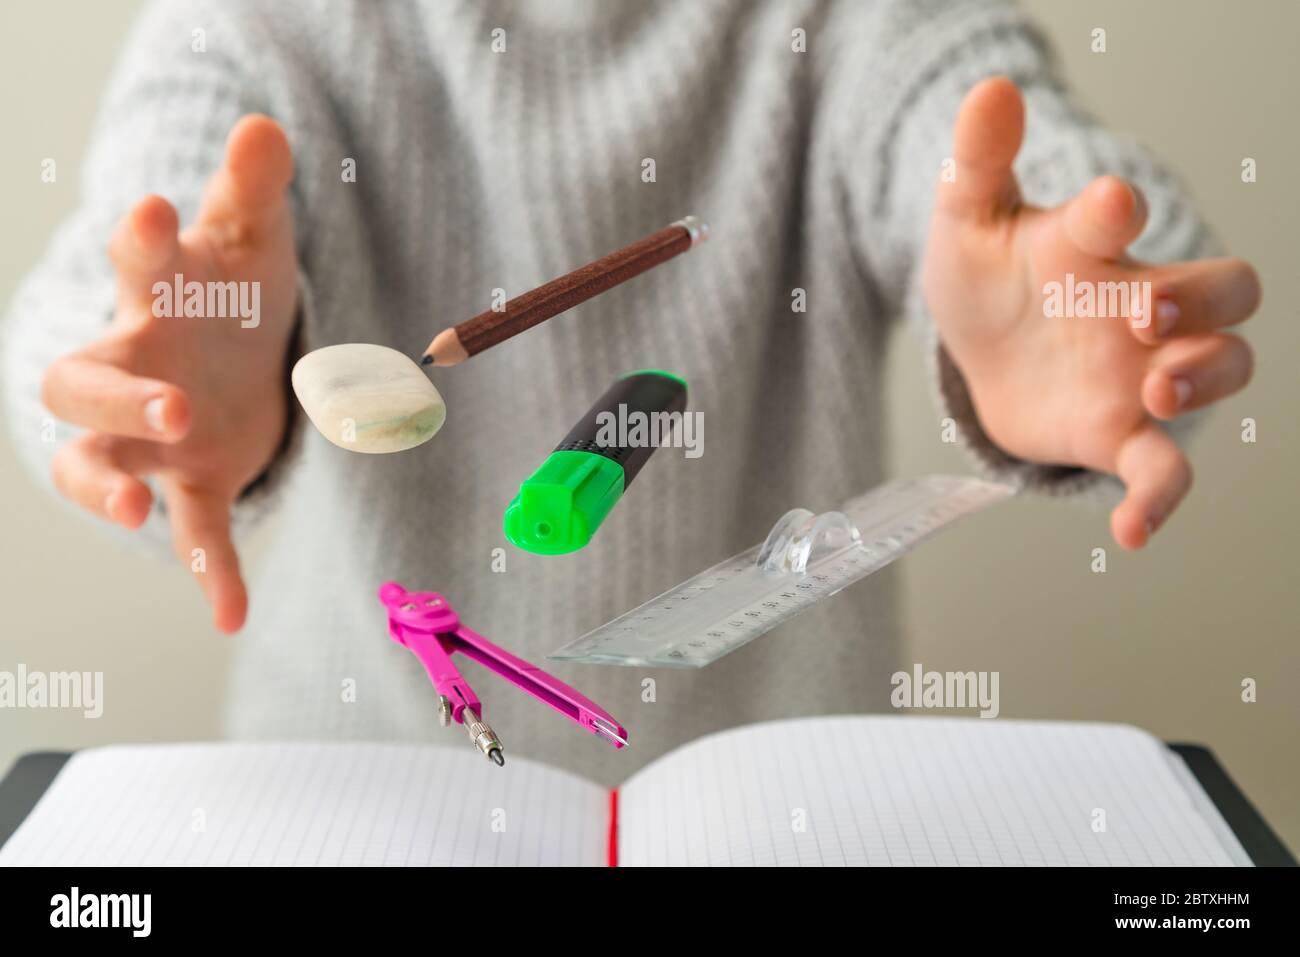 Levitando materiales escolares para matemáticas - cuaderno, pluma, regla, lápiz, divisor y borrador levitando entre las manos de los estudiantes. Concepto de educación y crea Foto de stock